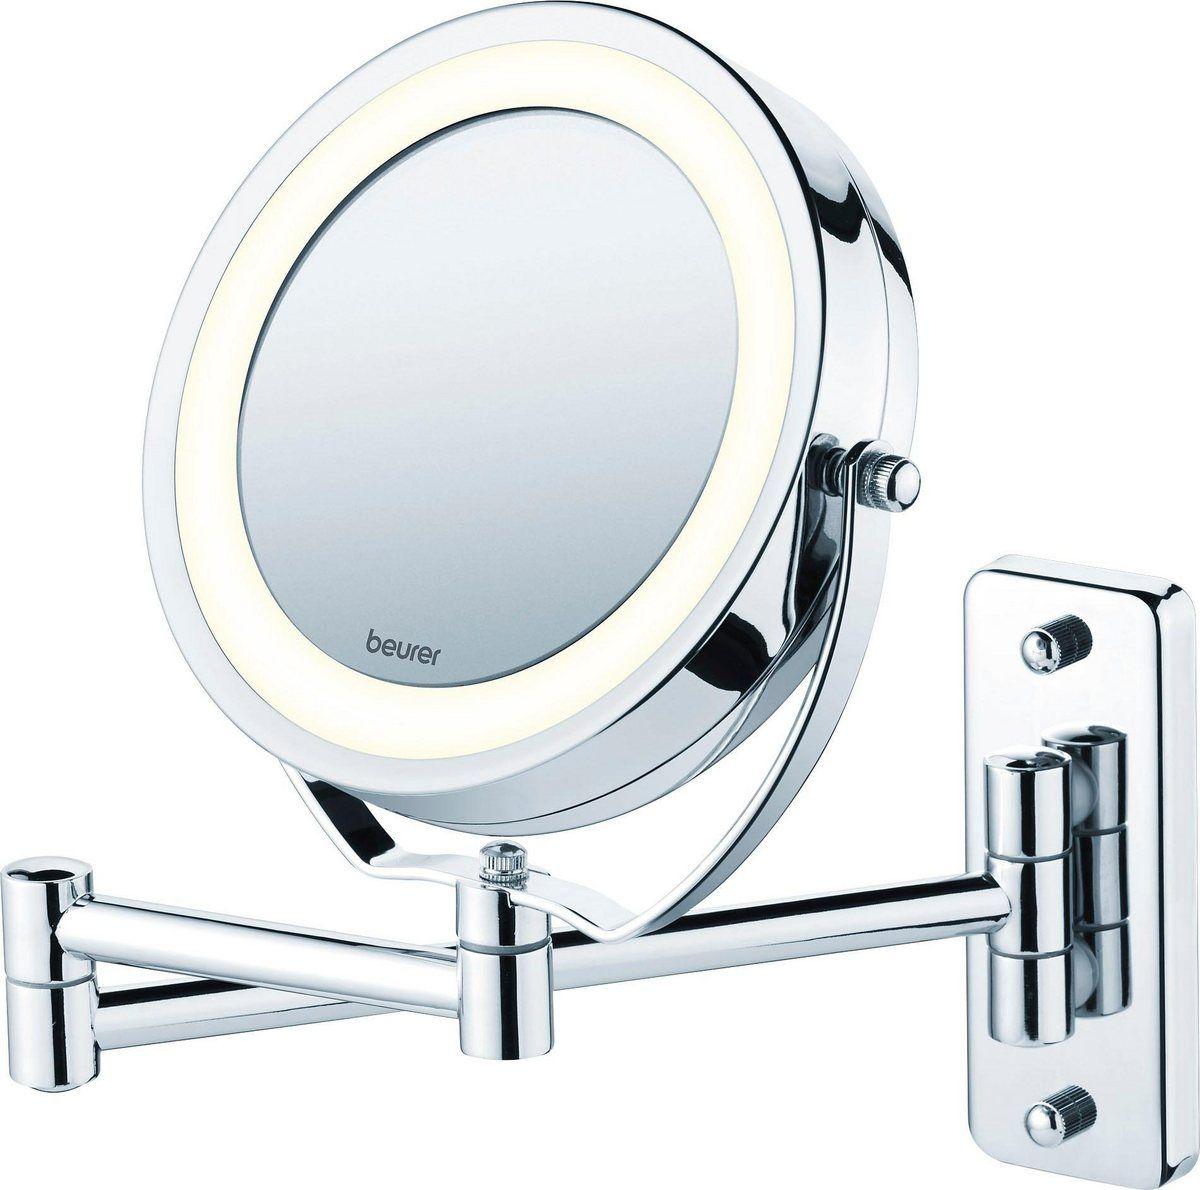 Kosmetikspiegel Bs 59 Drehbarer Spiegelflache Und Helles Led Licht Kosmetikspiegel Led Licht Und Led